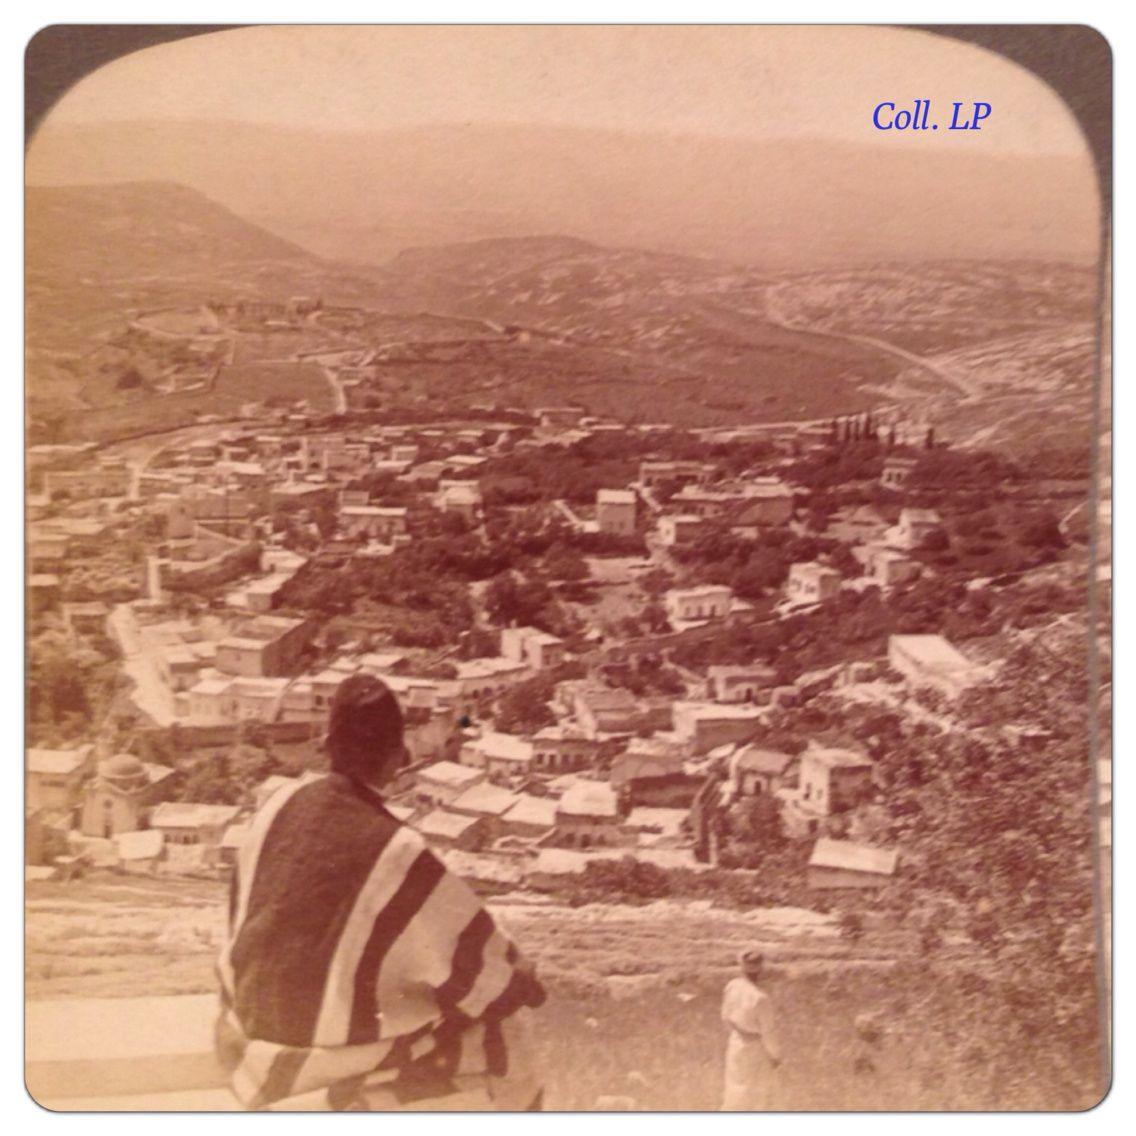 Une promenade exceptionnelle en Israël au XIX siècle. 1/2